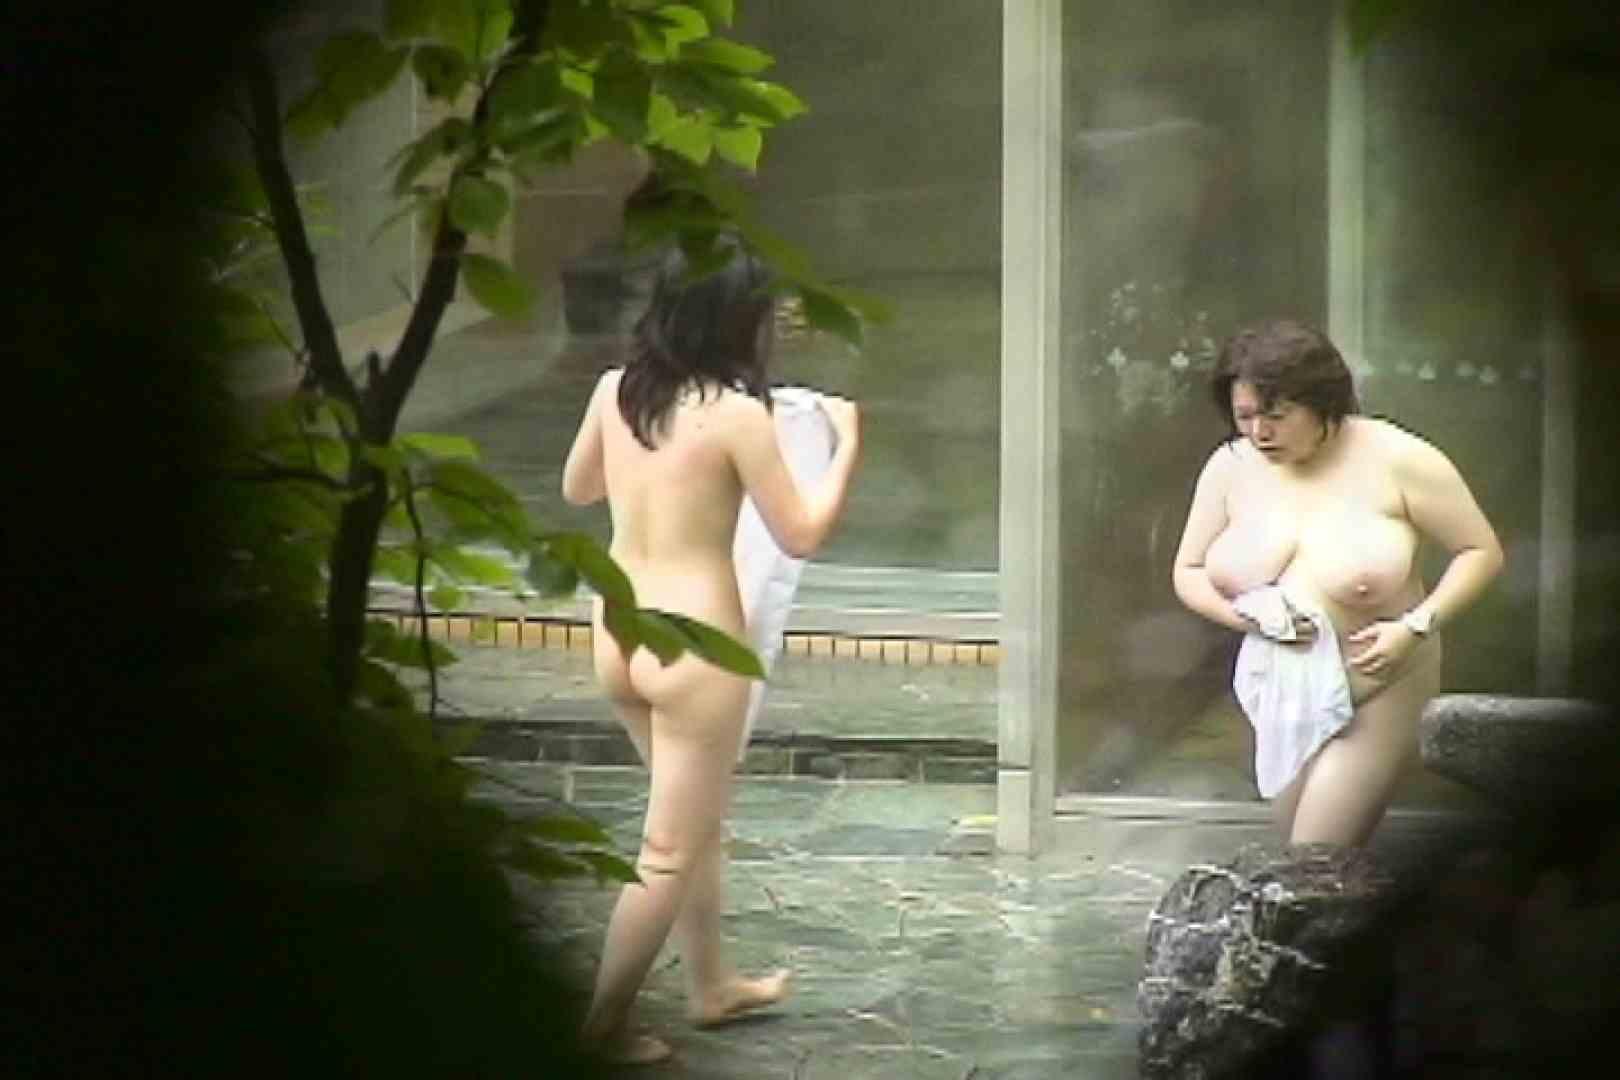 お女市さま編 オムニバスVol.13 露天風呂の女子達 ヌード画像 42画像 7